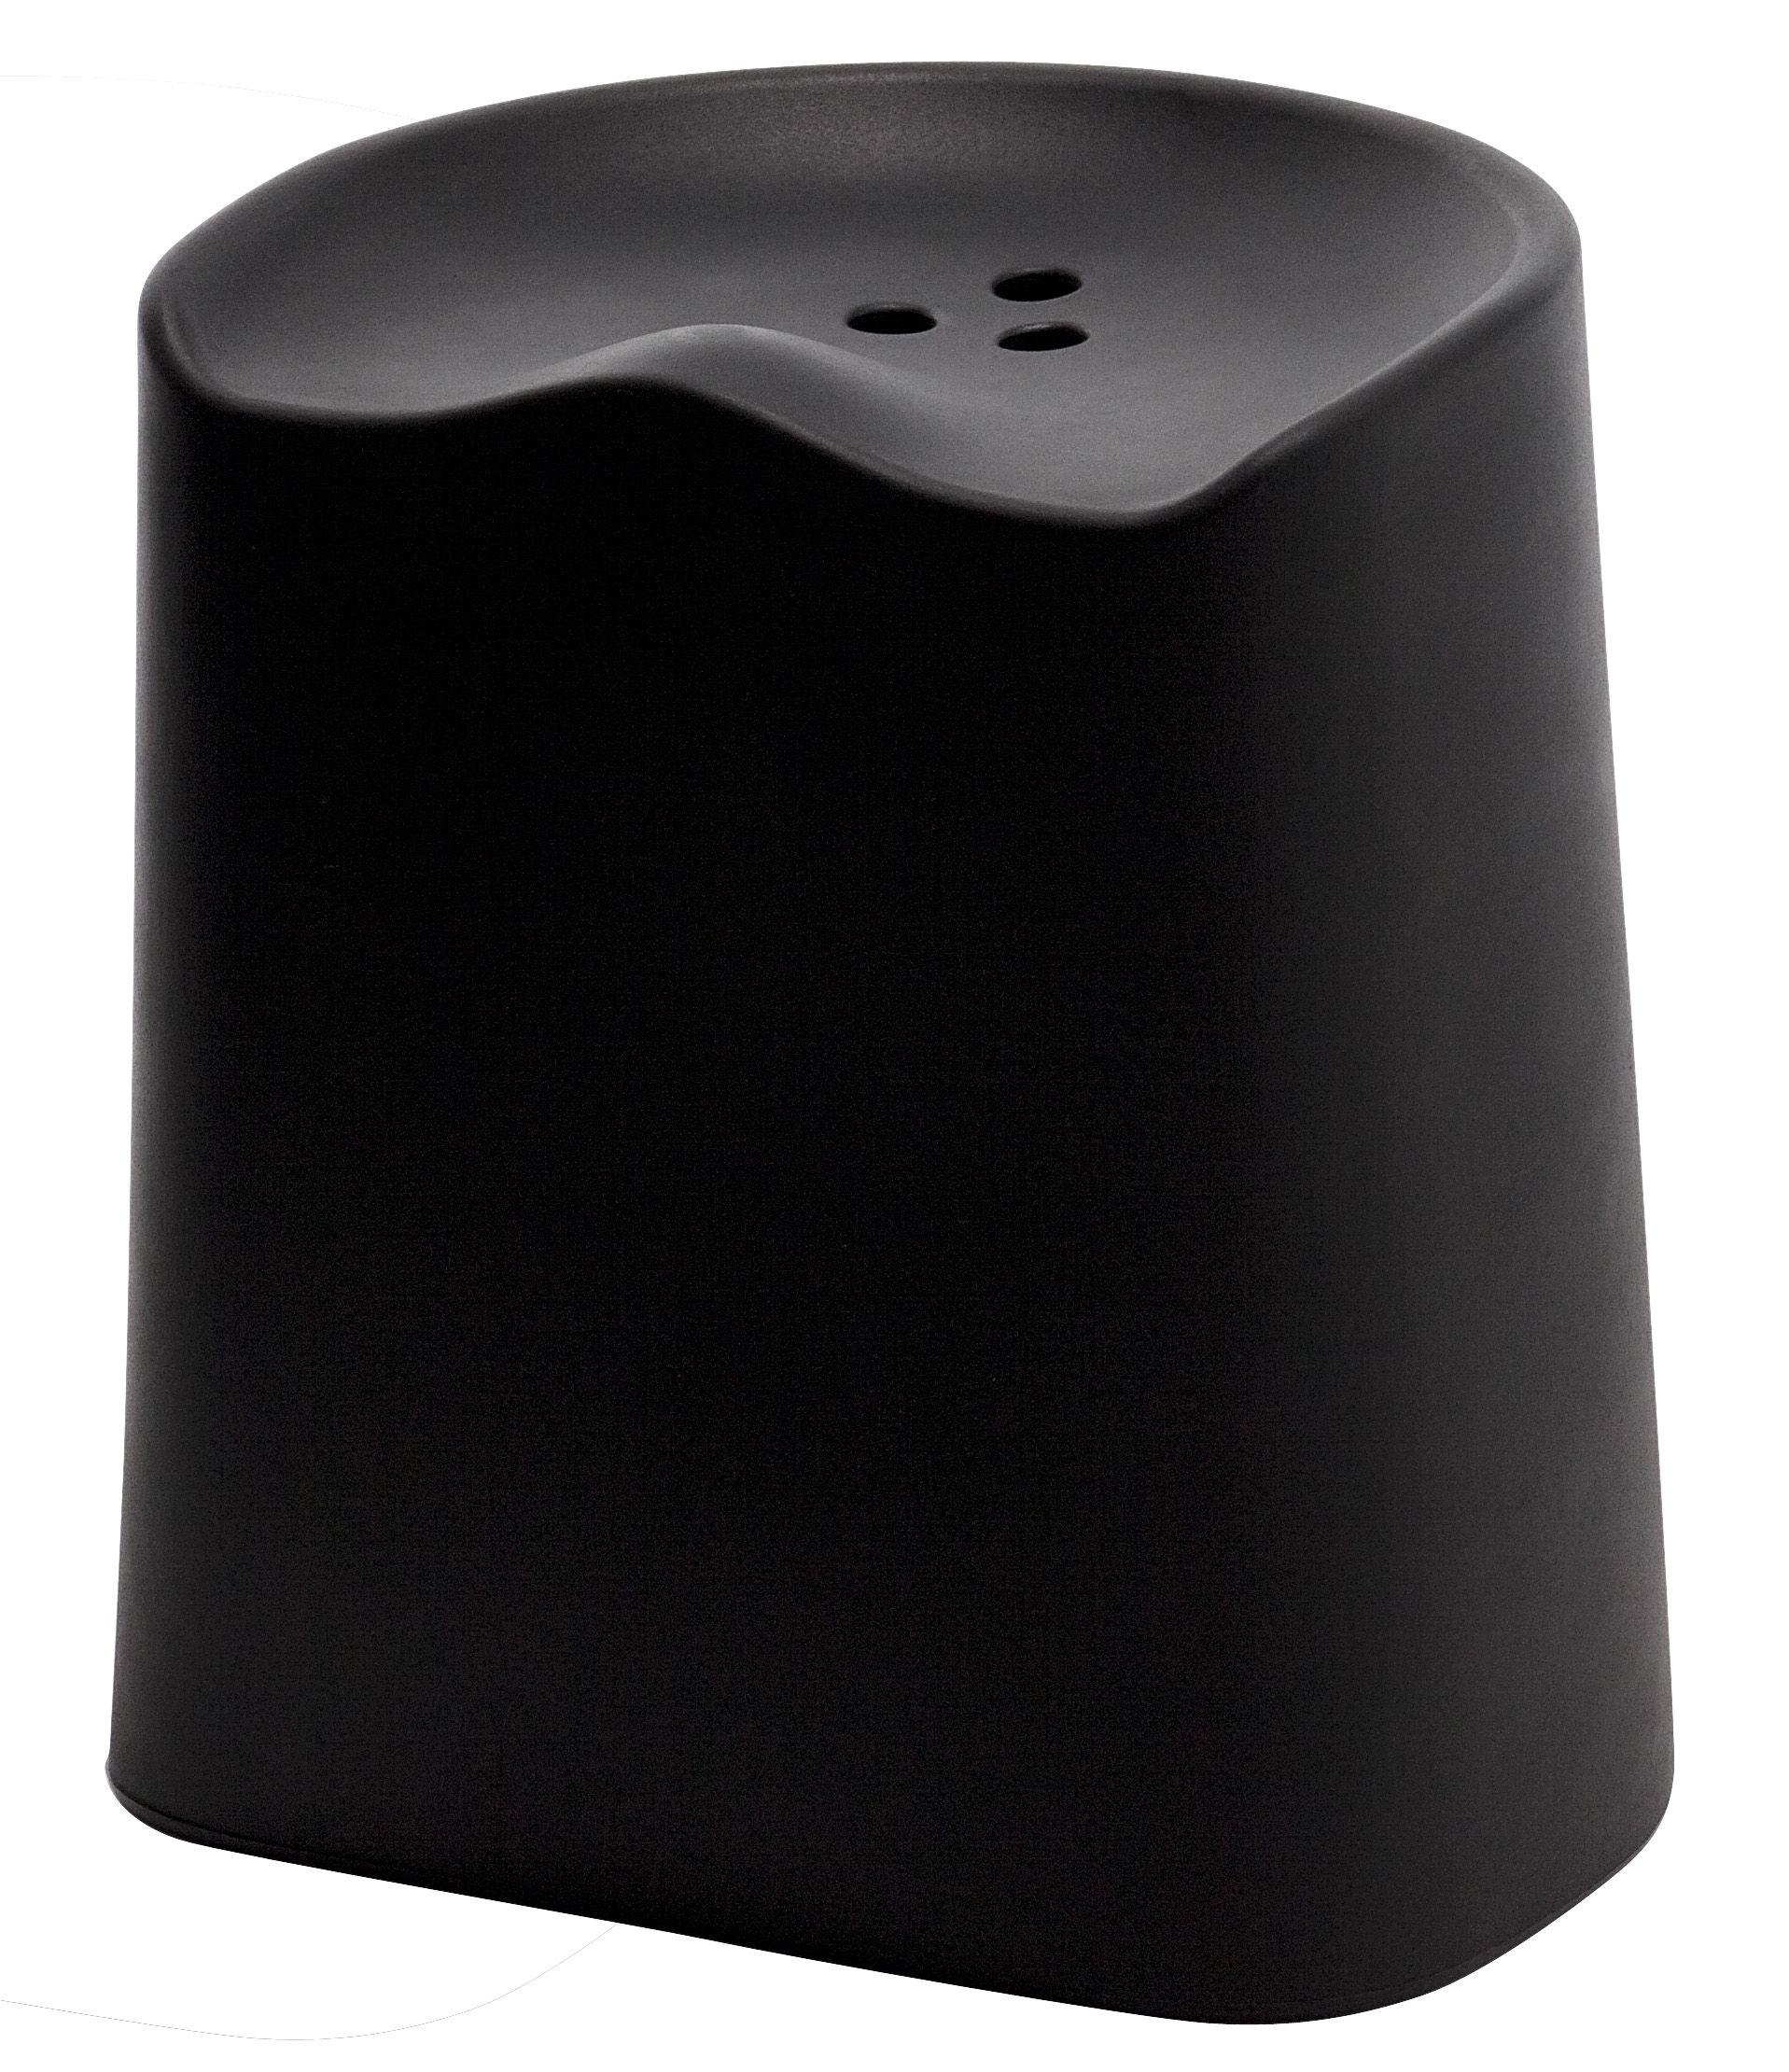 Furniture - Stools - Butt Stackable stool - H 49 cm by Established & Sons - Black - Polypropylene